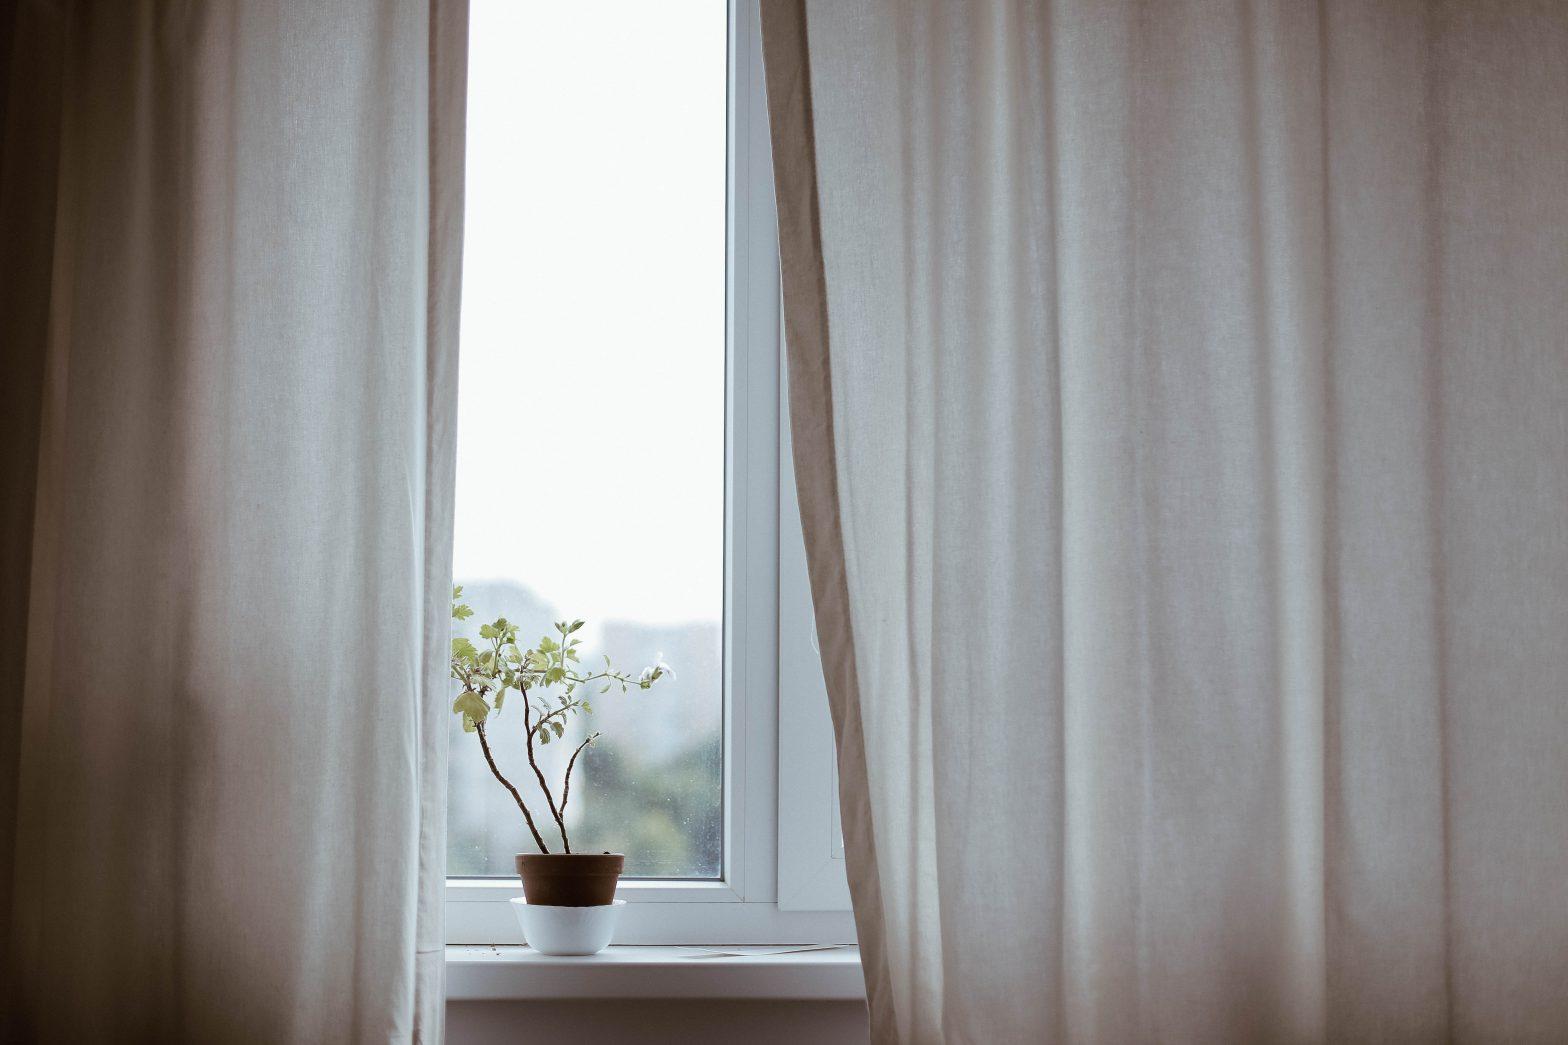 Budujesz dom? Pomagamy wybrać okna na lata!